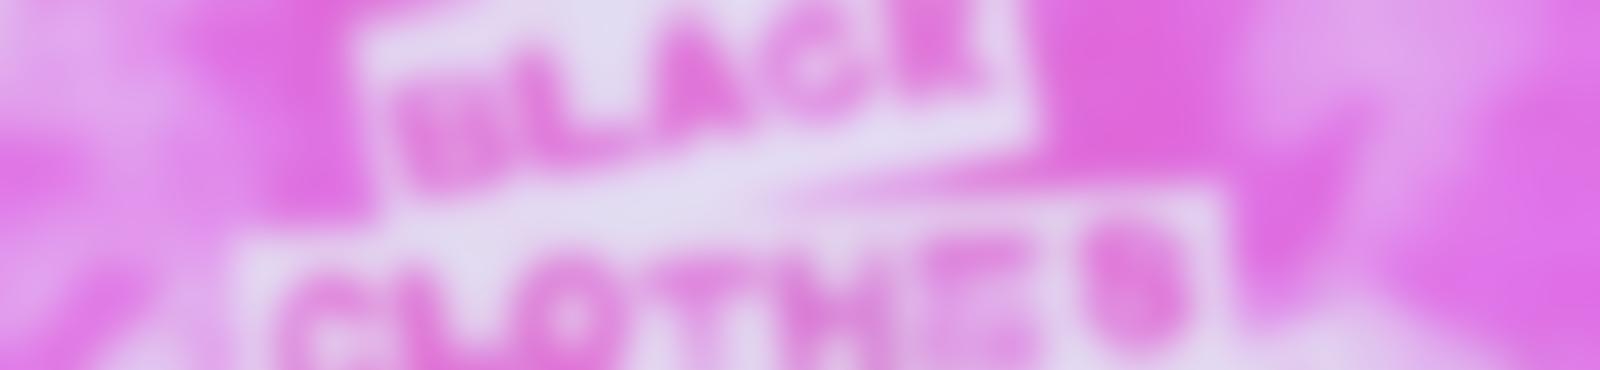 Blurred 0e805f02 8060 49d1 abd9 04ebb6585e3b